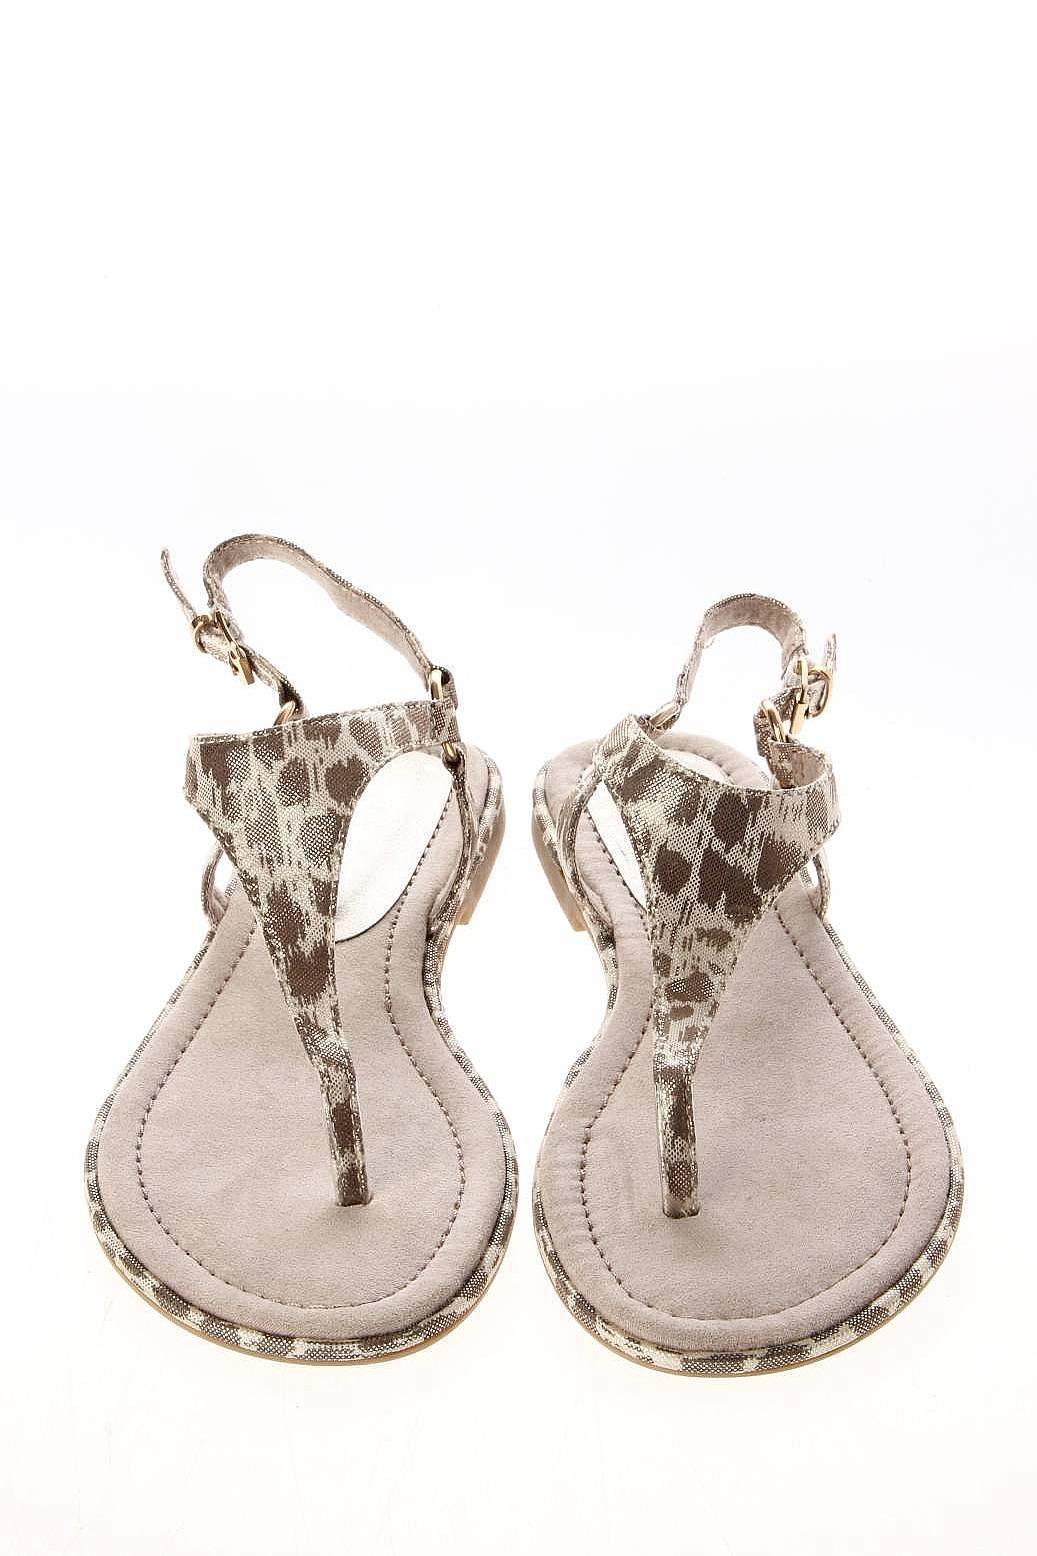 Мужская Обувь Детская Обувь Женская Обувь Сандалии: Marco Tozzi Обувь